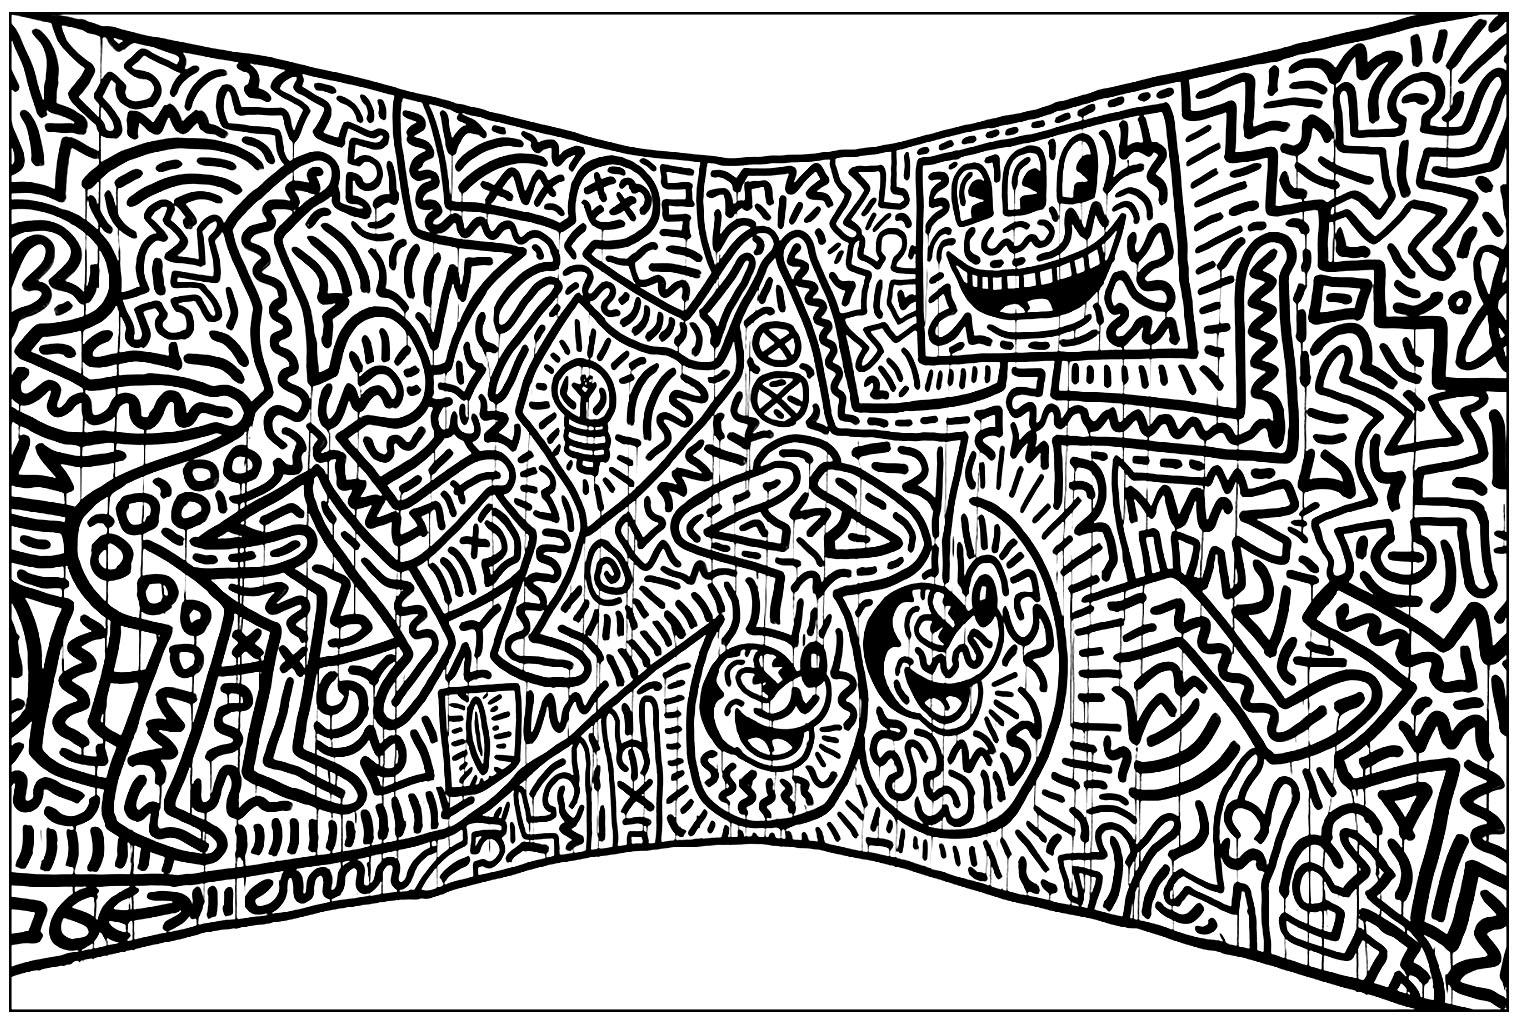 Une Fresque noir & blanc de Haring, à colorier pour la rendre la plus folle possible !